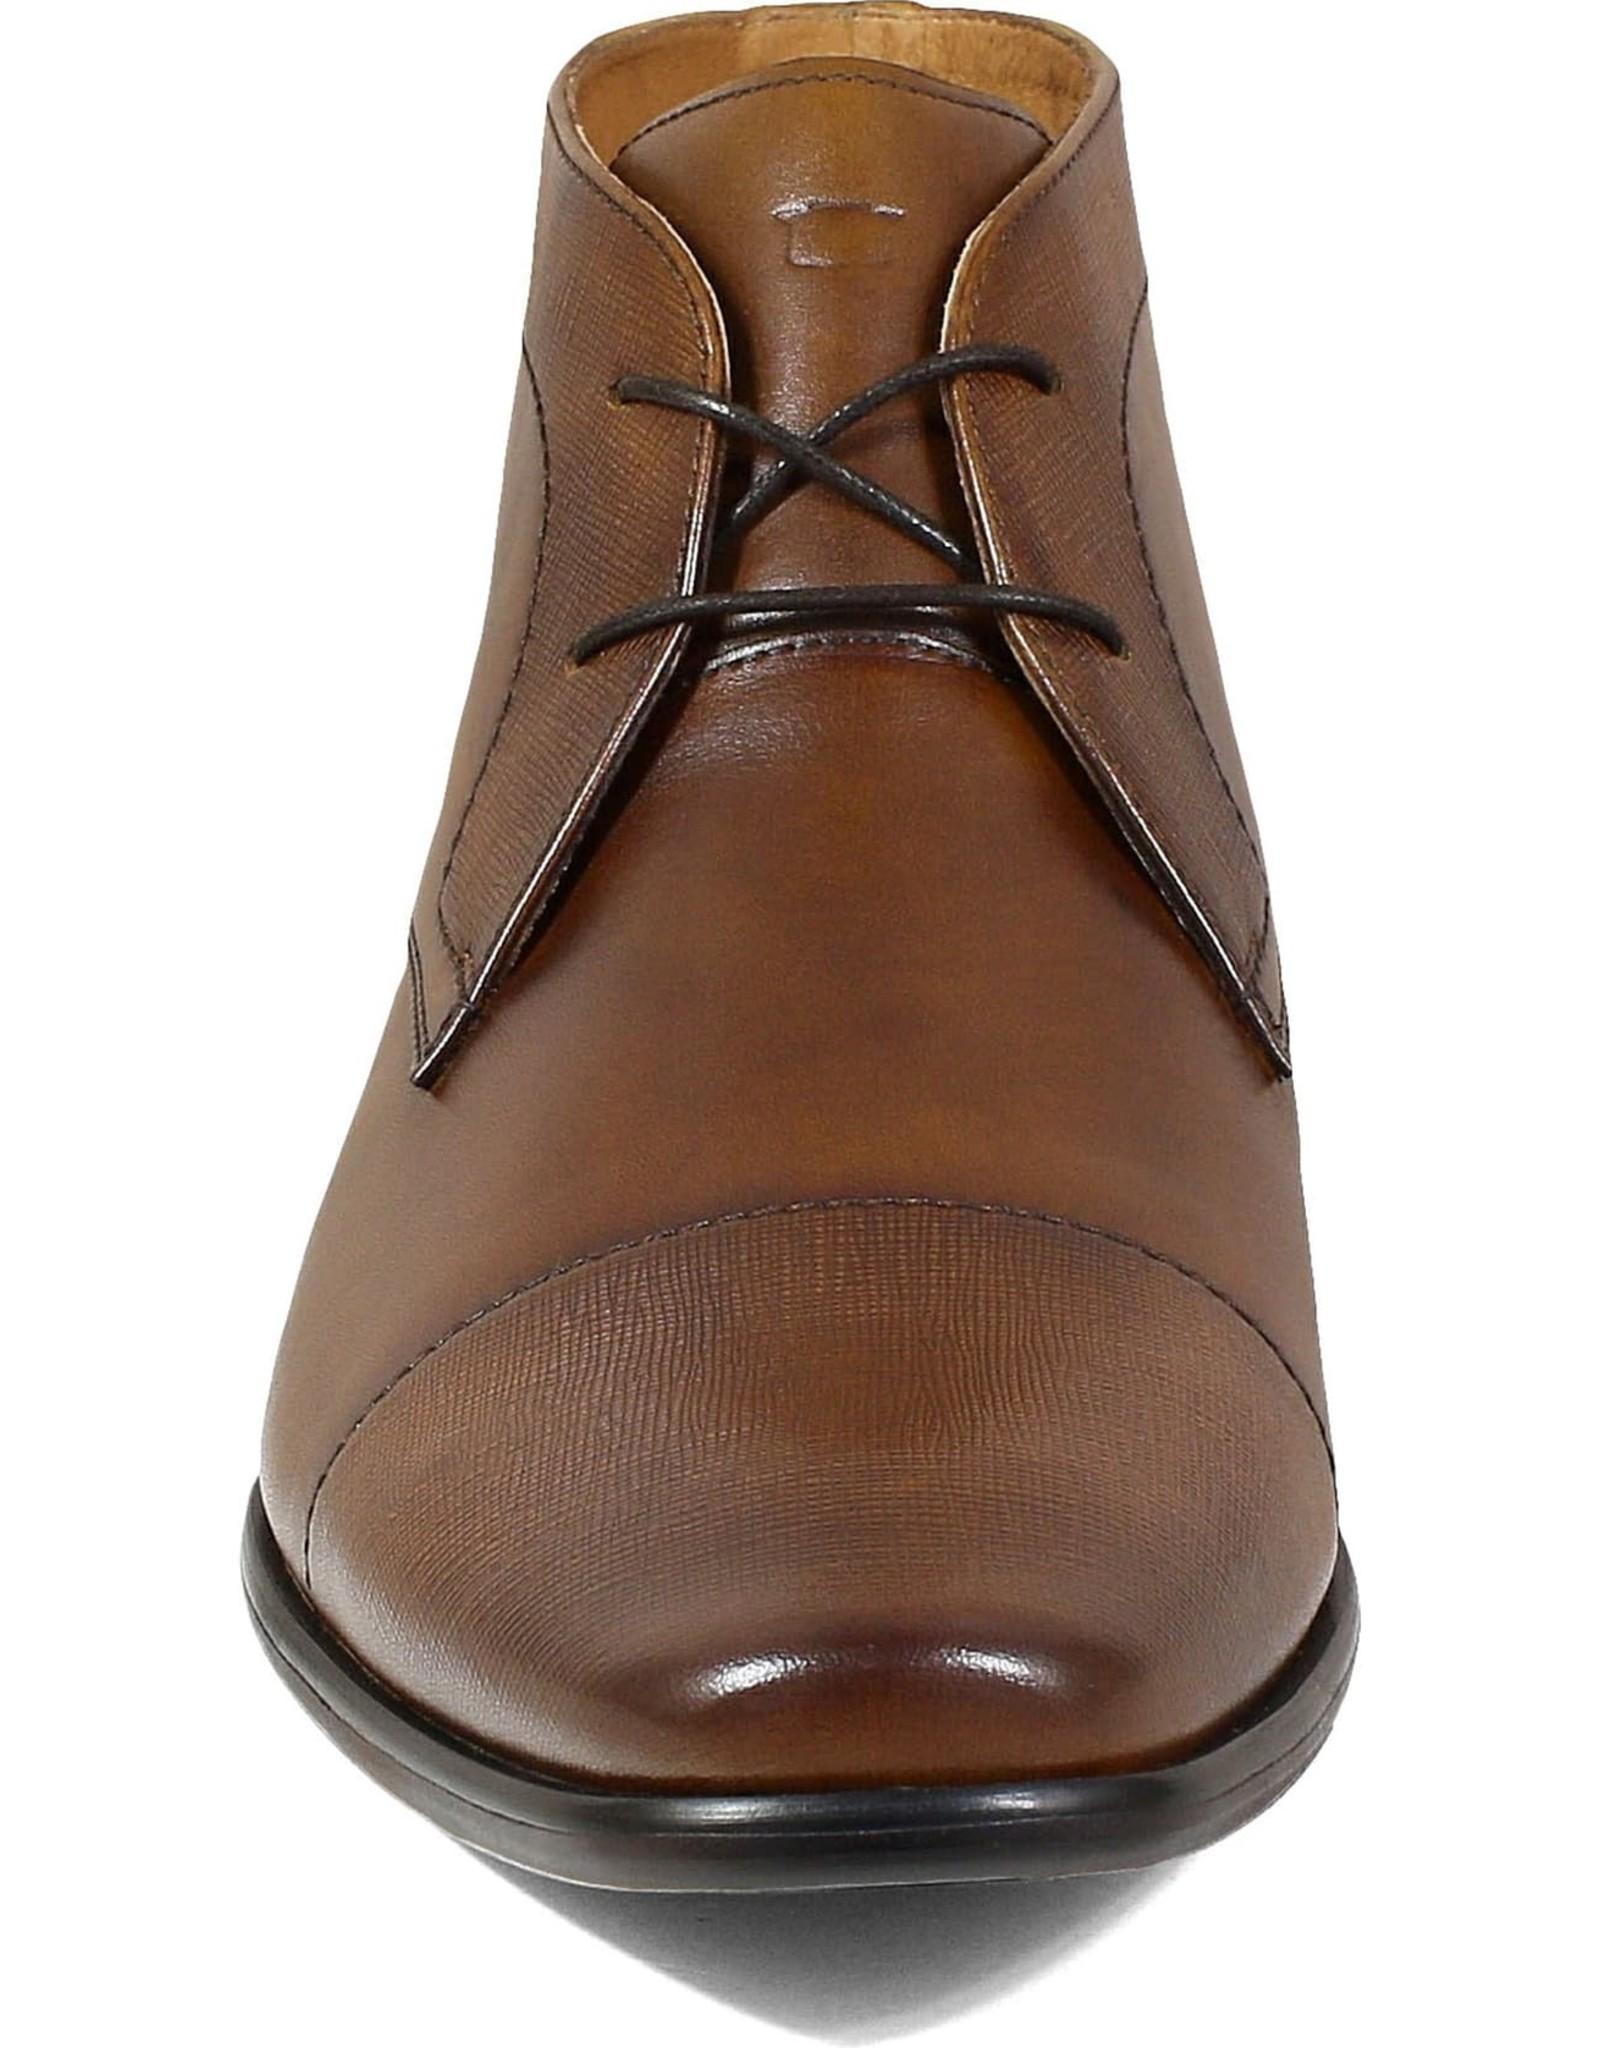 Florsheim Chukka Boot